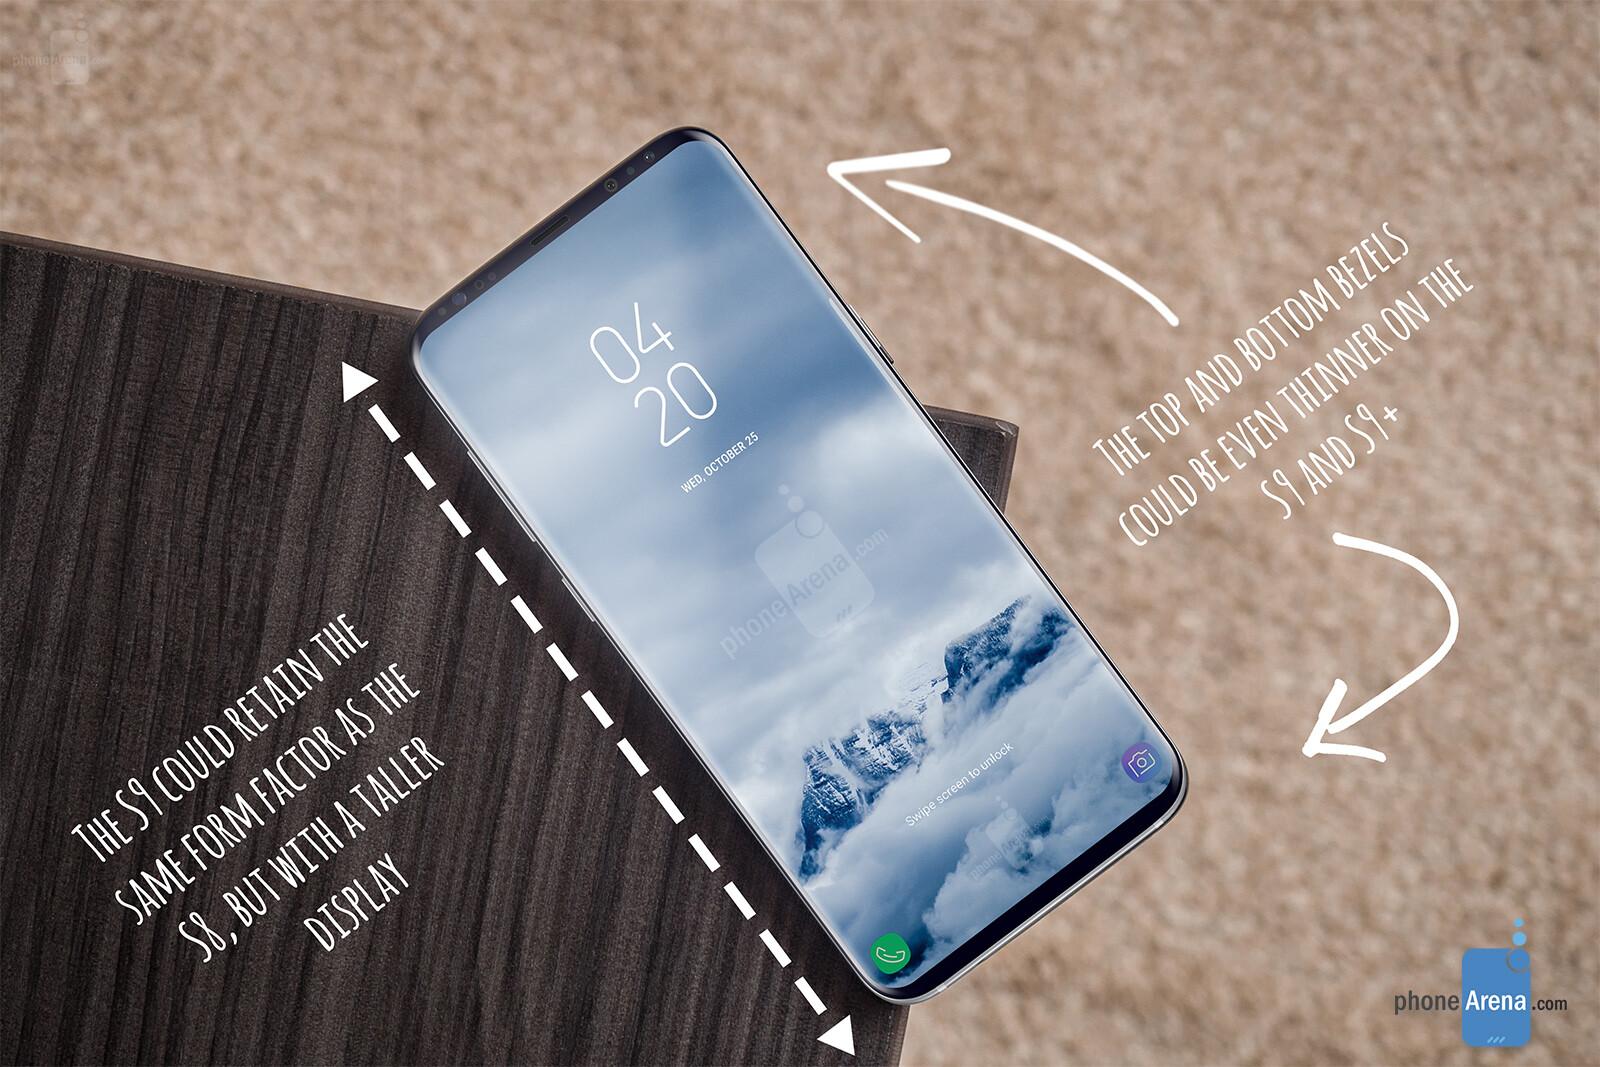 Sforum - Trang thông tin công nghệ mới nhất Galaxy-S9-infinity-display Cùng chiêm ngưỡng những hình ảnh đầu tiên của Galaxy S9